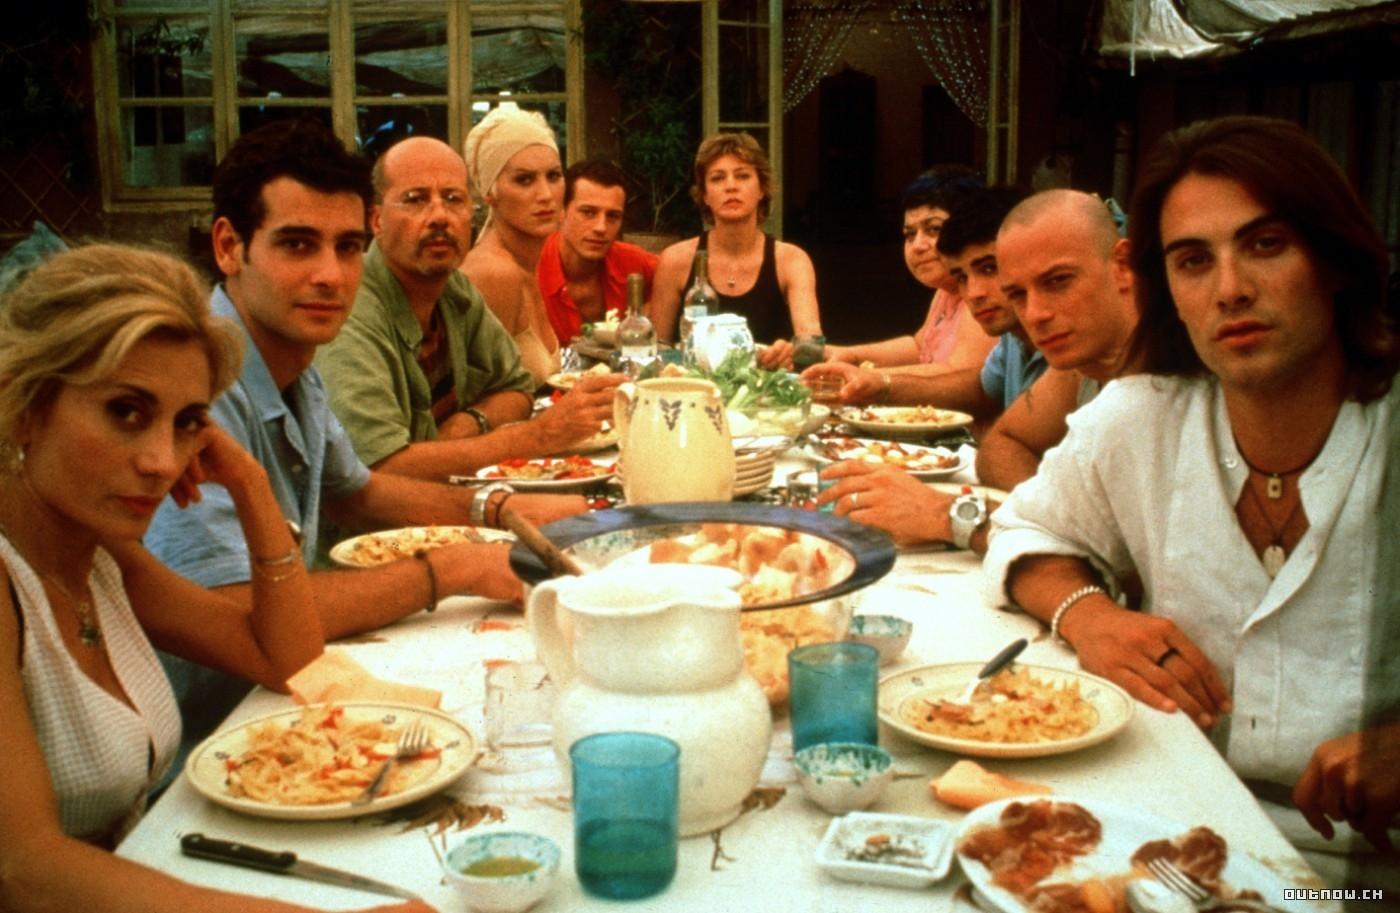 News dal mondo lgbt fashion and much more lgbt nazim hikmet e le parole come uomini nel - Il bagno turco film ...